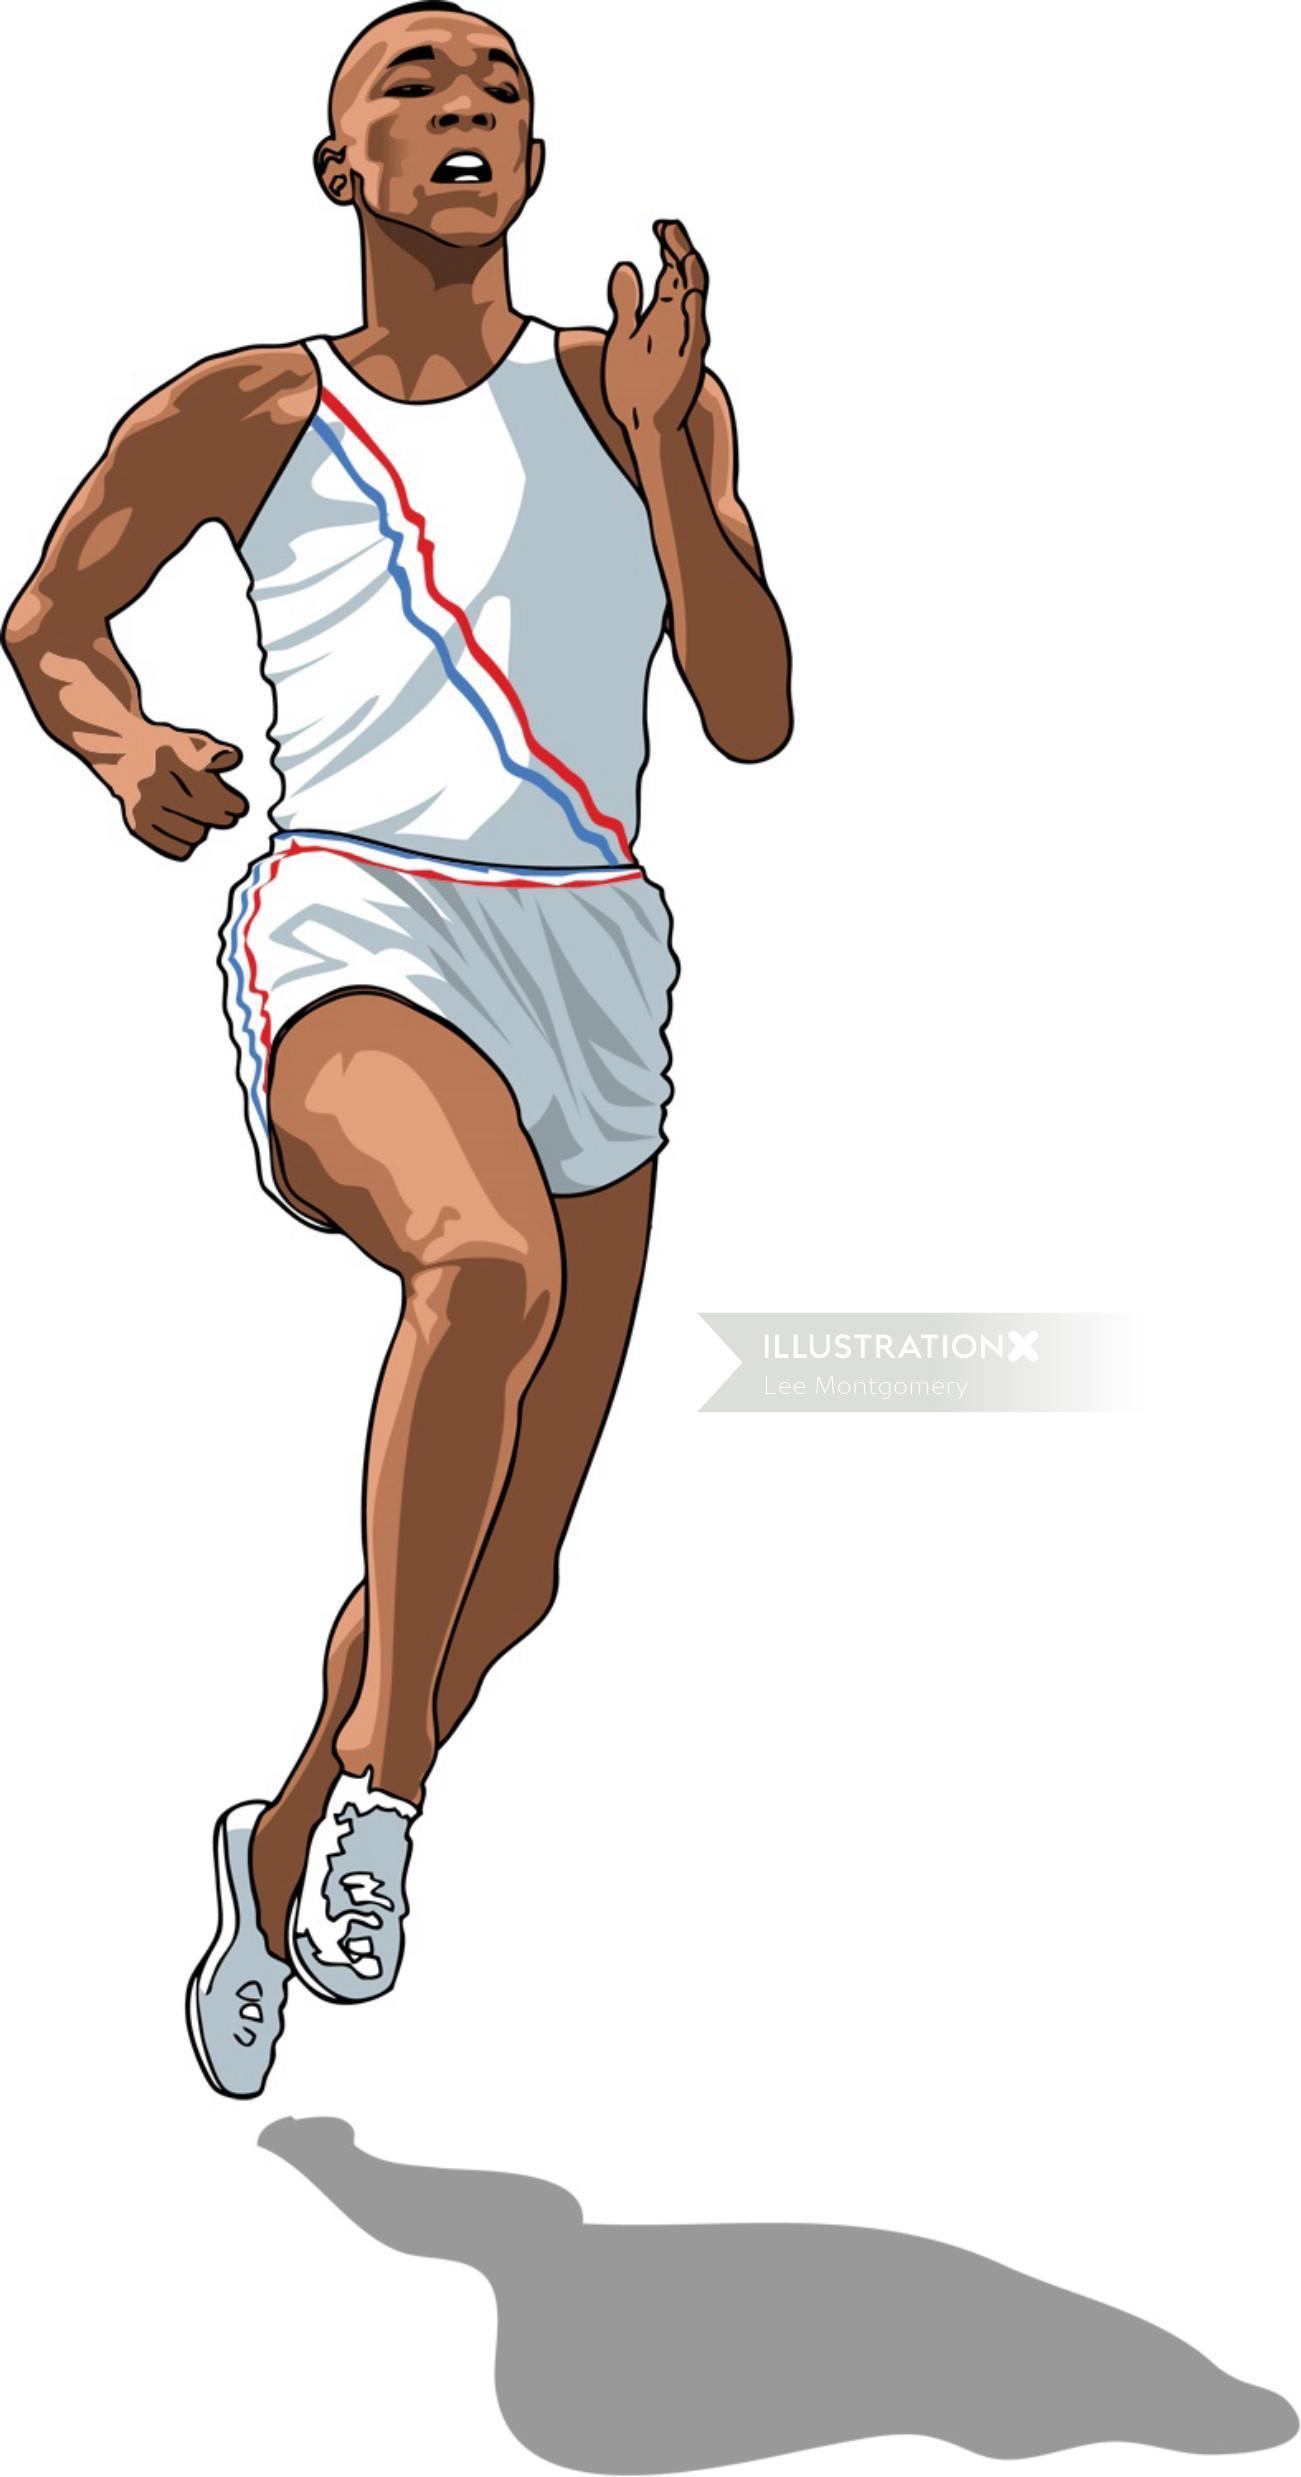 Jesse Owens Running